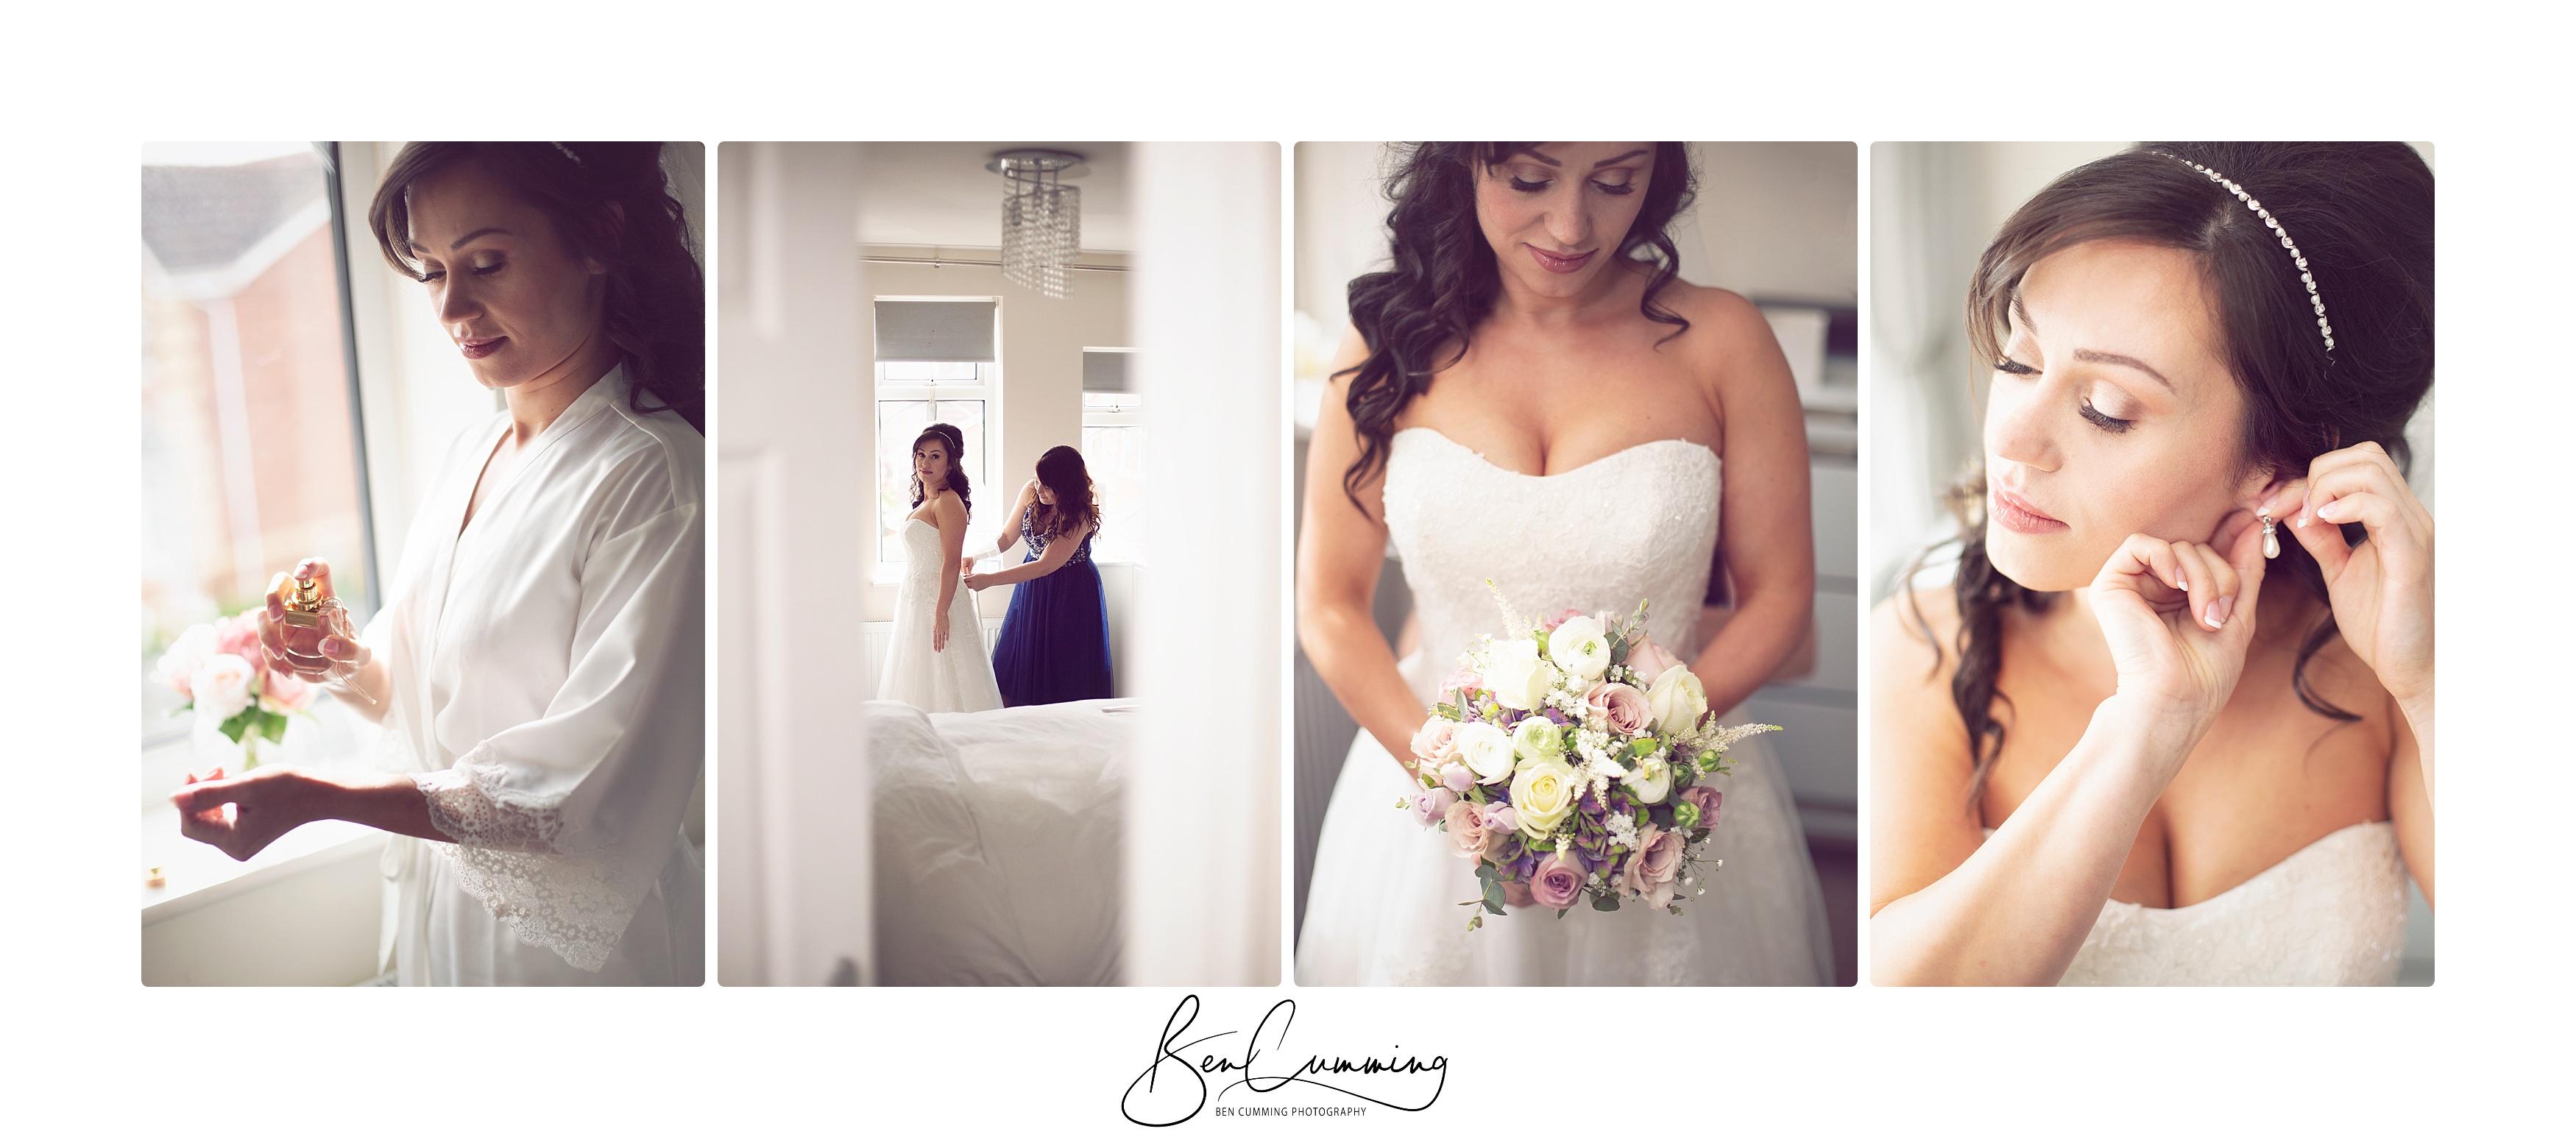 Leeds Wedding Photographer Ben Cumming Bride